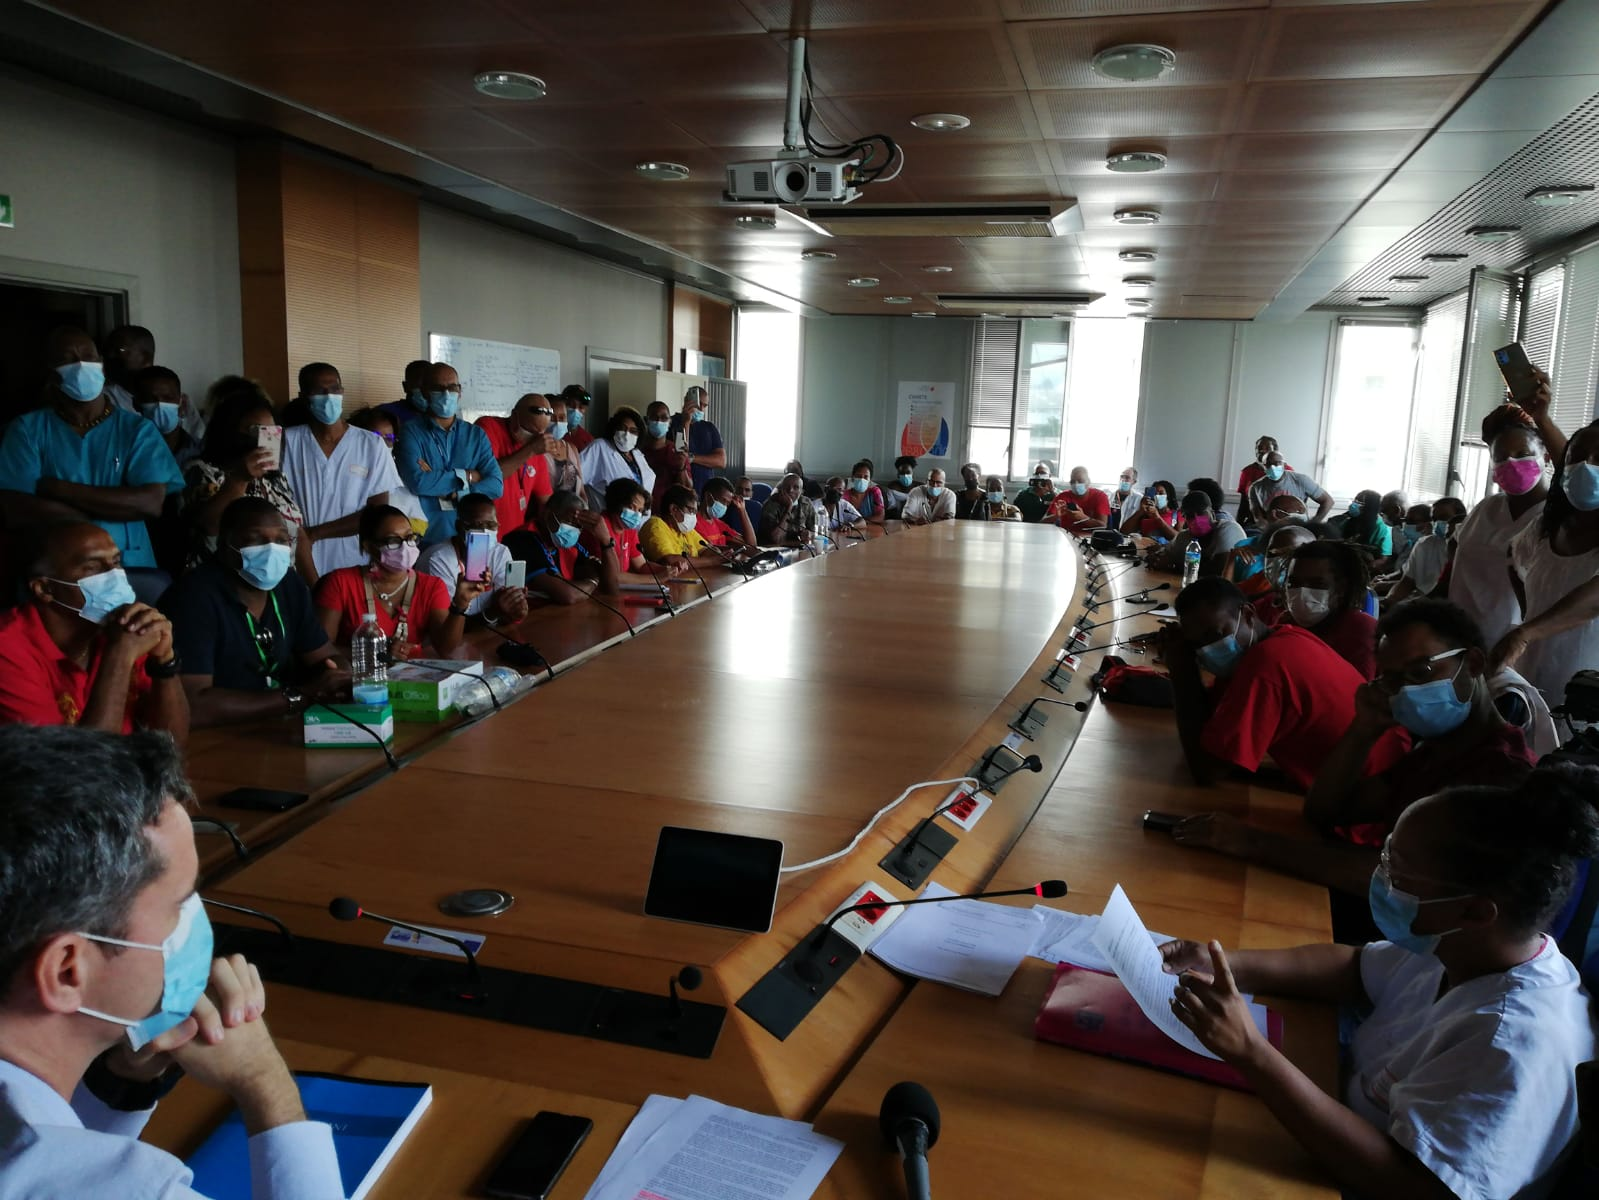 Les syndicats hospitaliers opposés à l'obligation vaccinale ont rencontré la direction du CHU de Martinique